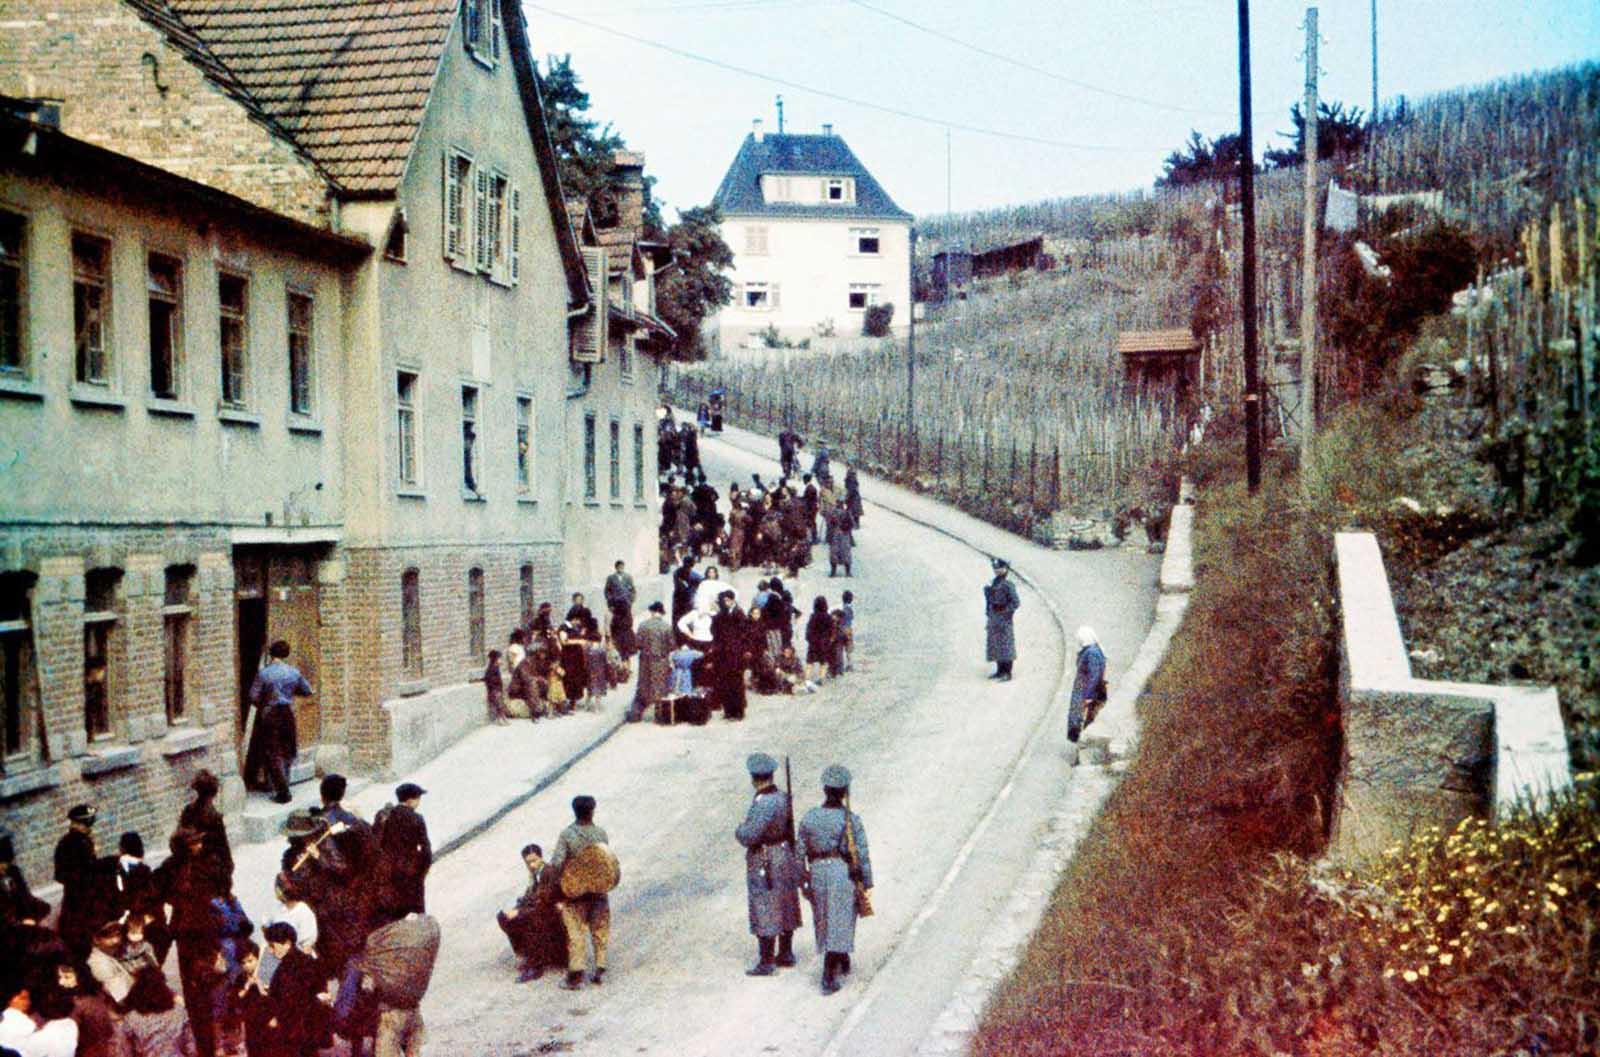 Sinti son detenidos por la policía en Asperg, Alemania. 22 de mayo de 1940.